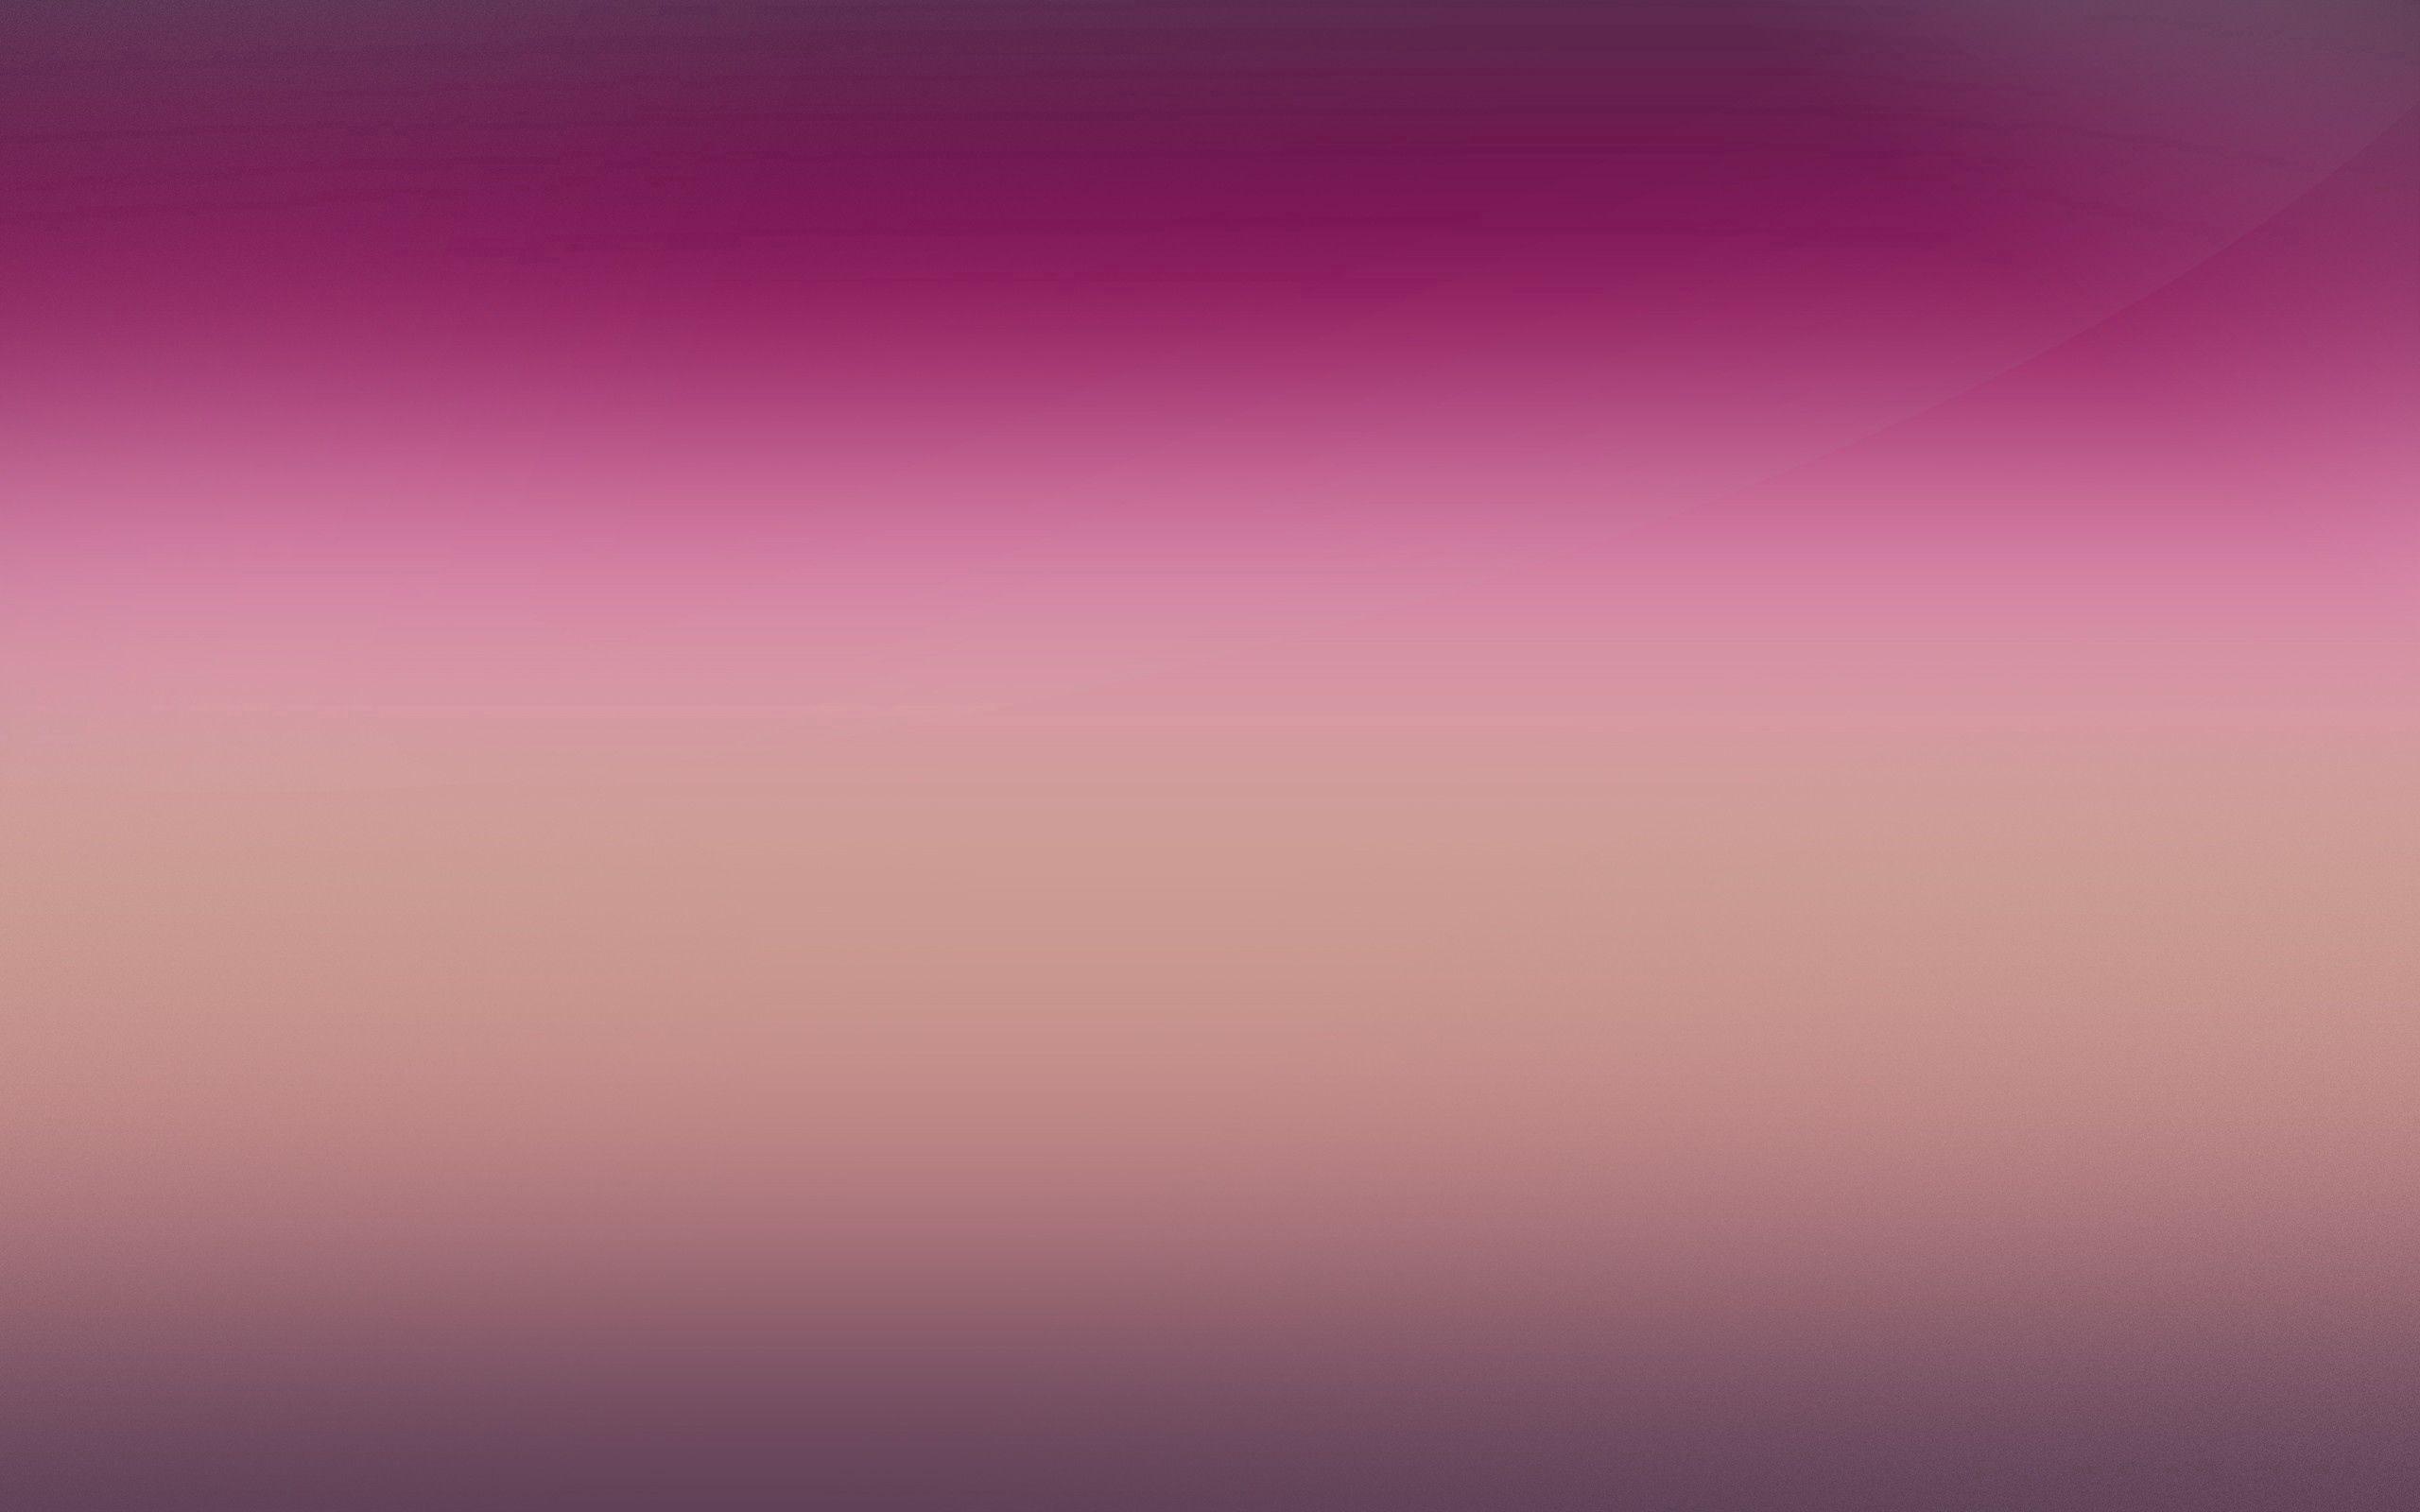 141792 скачать обои Абстракция, Пятна, Розовый, Фон, Пелена - заставки и картинки бесплатно